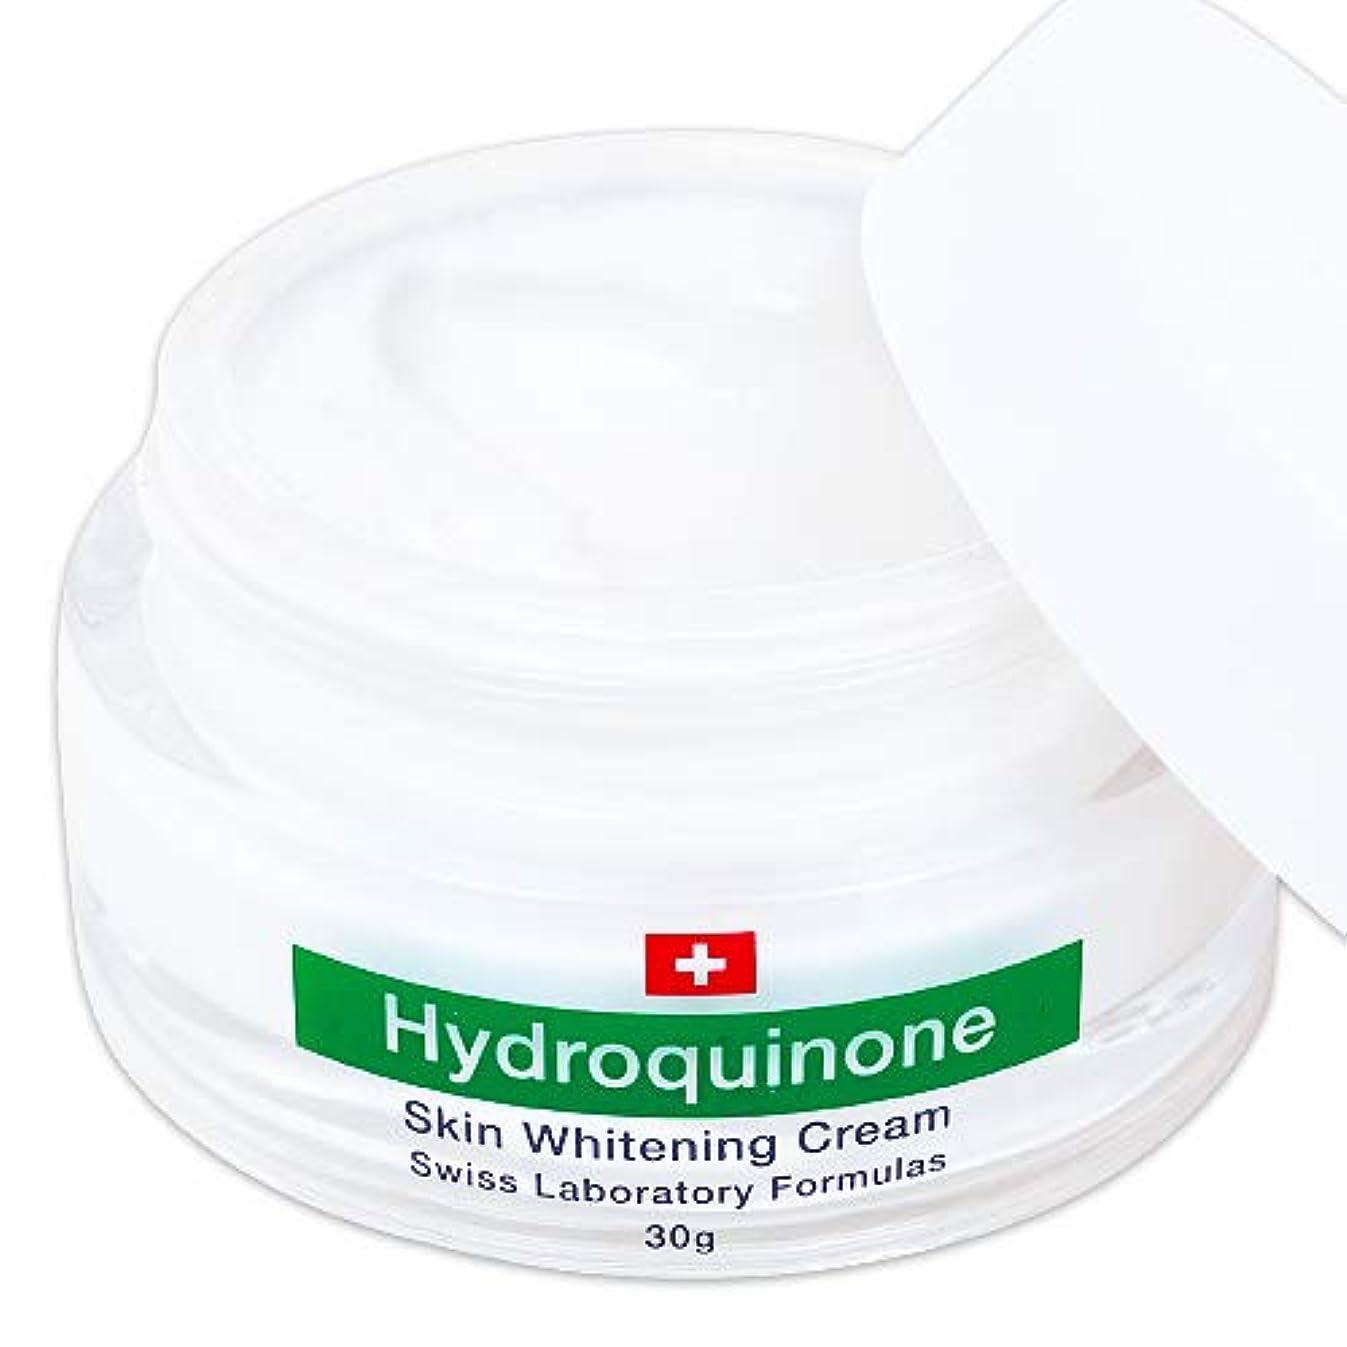 アクセサリーカストディアン強制スイス発 ハイドロキノン 3% 集中 美白 クリーム [並行輸入品]